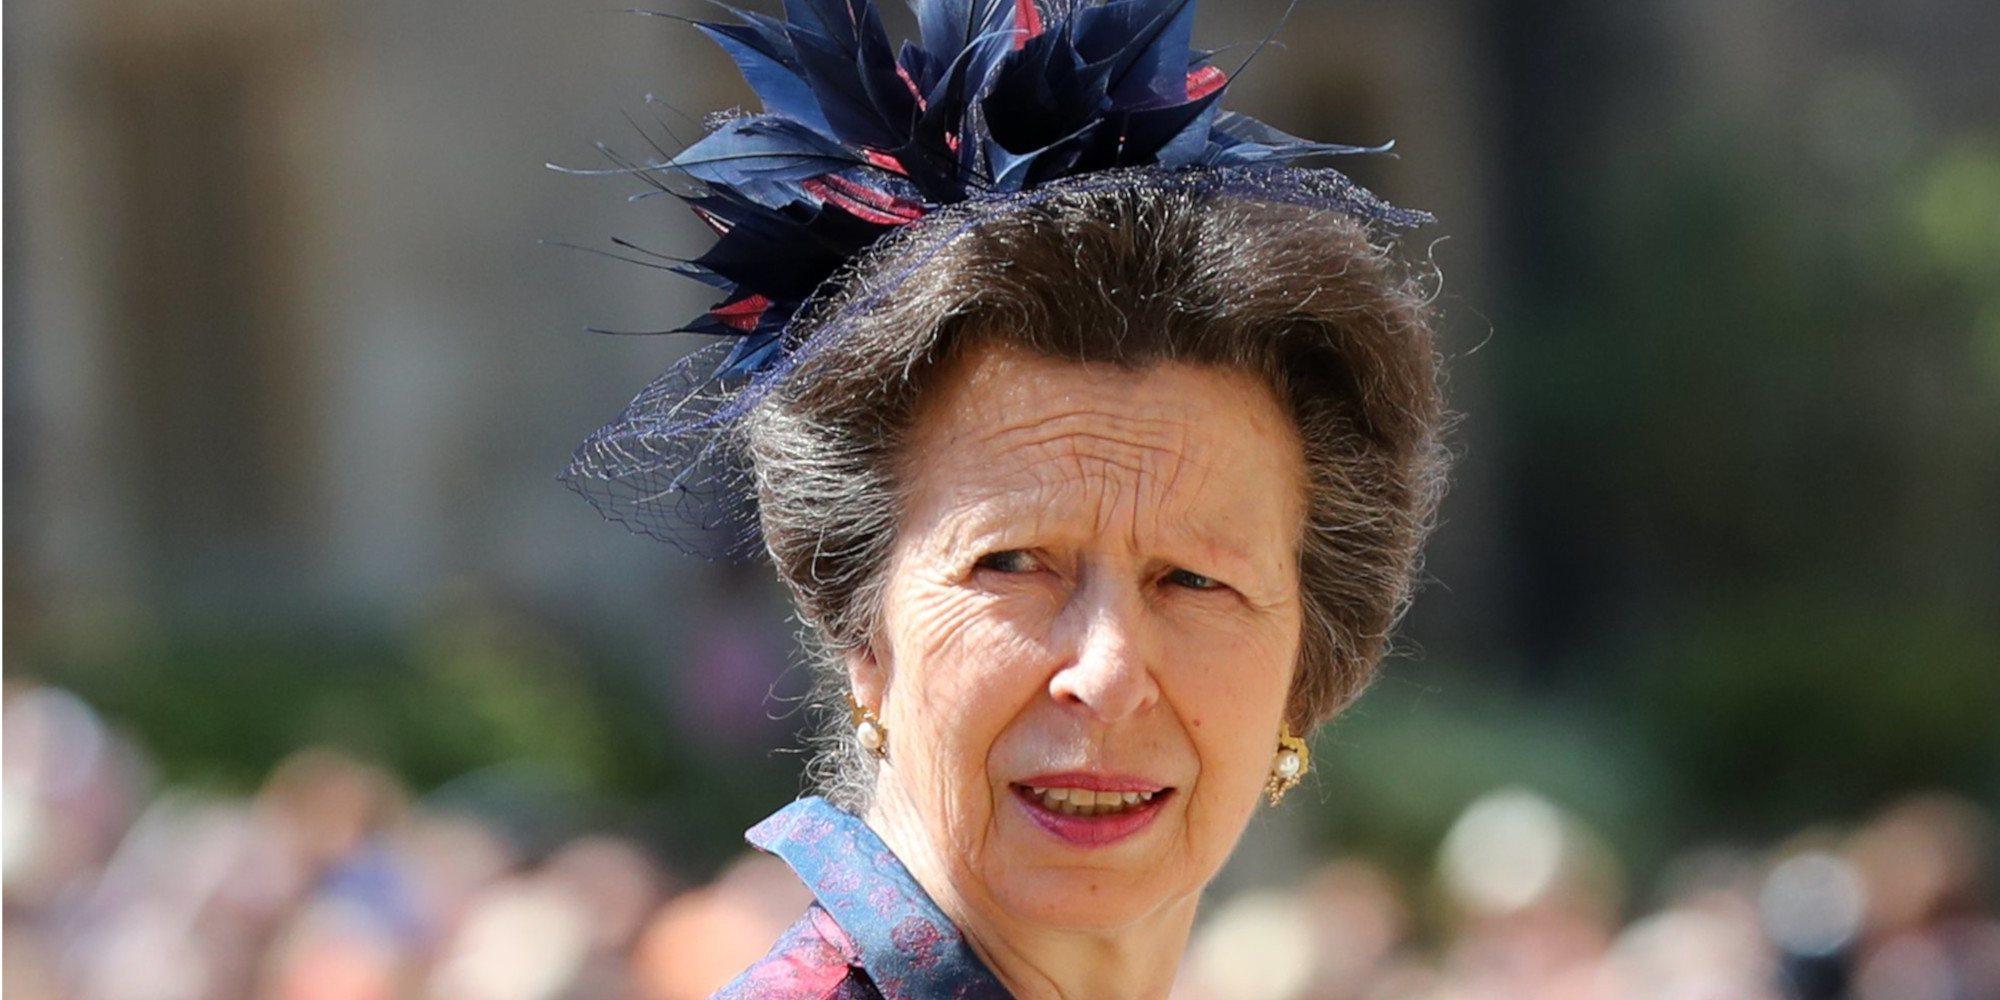 La desagradable respuesta de la Princesa Ana al ser preguntada por el accidente del Duque de Edimburgo